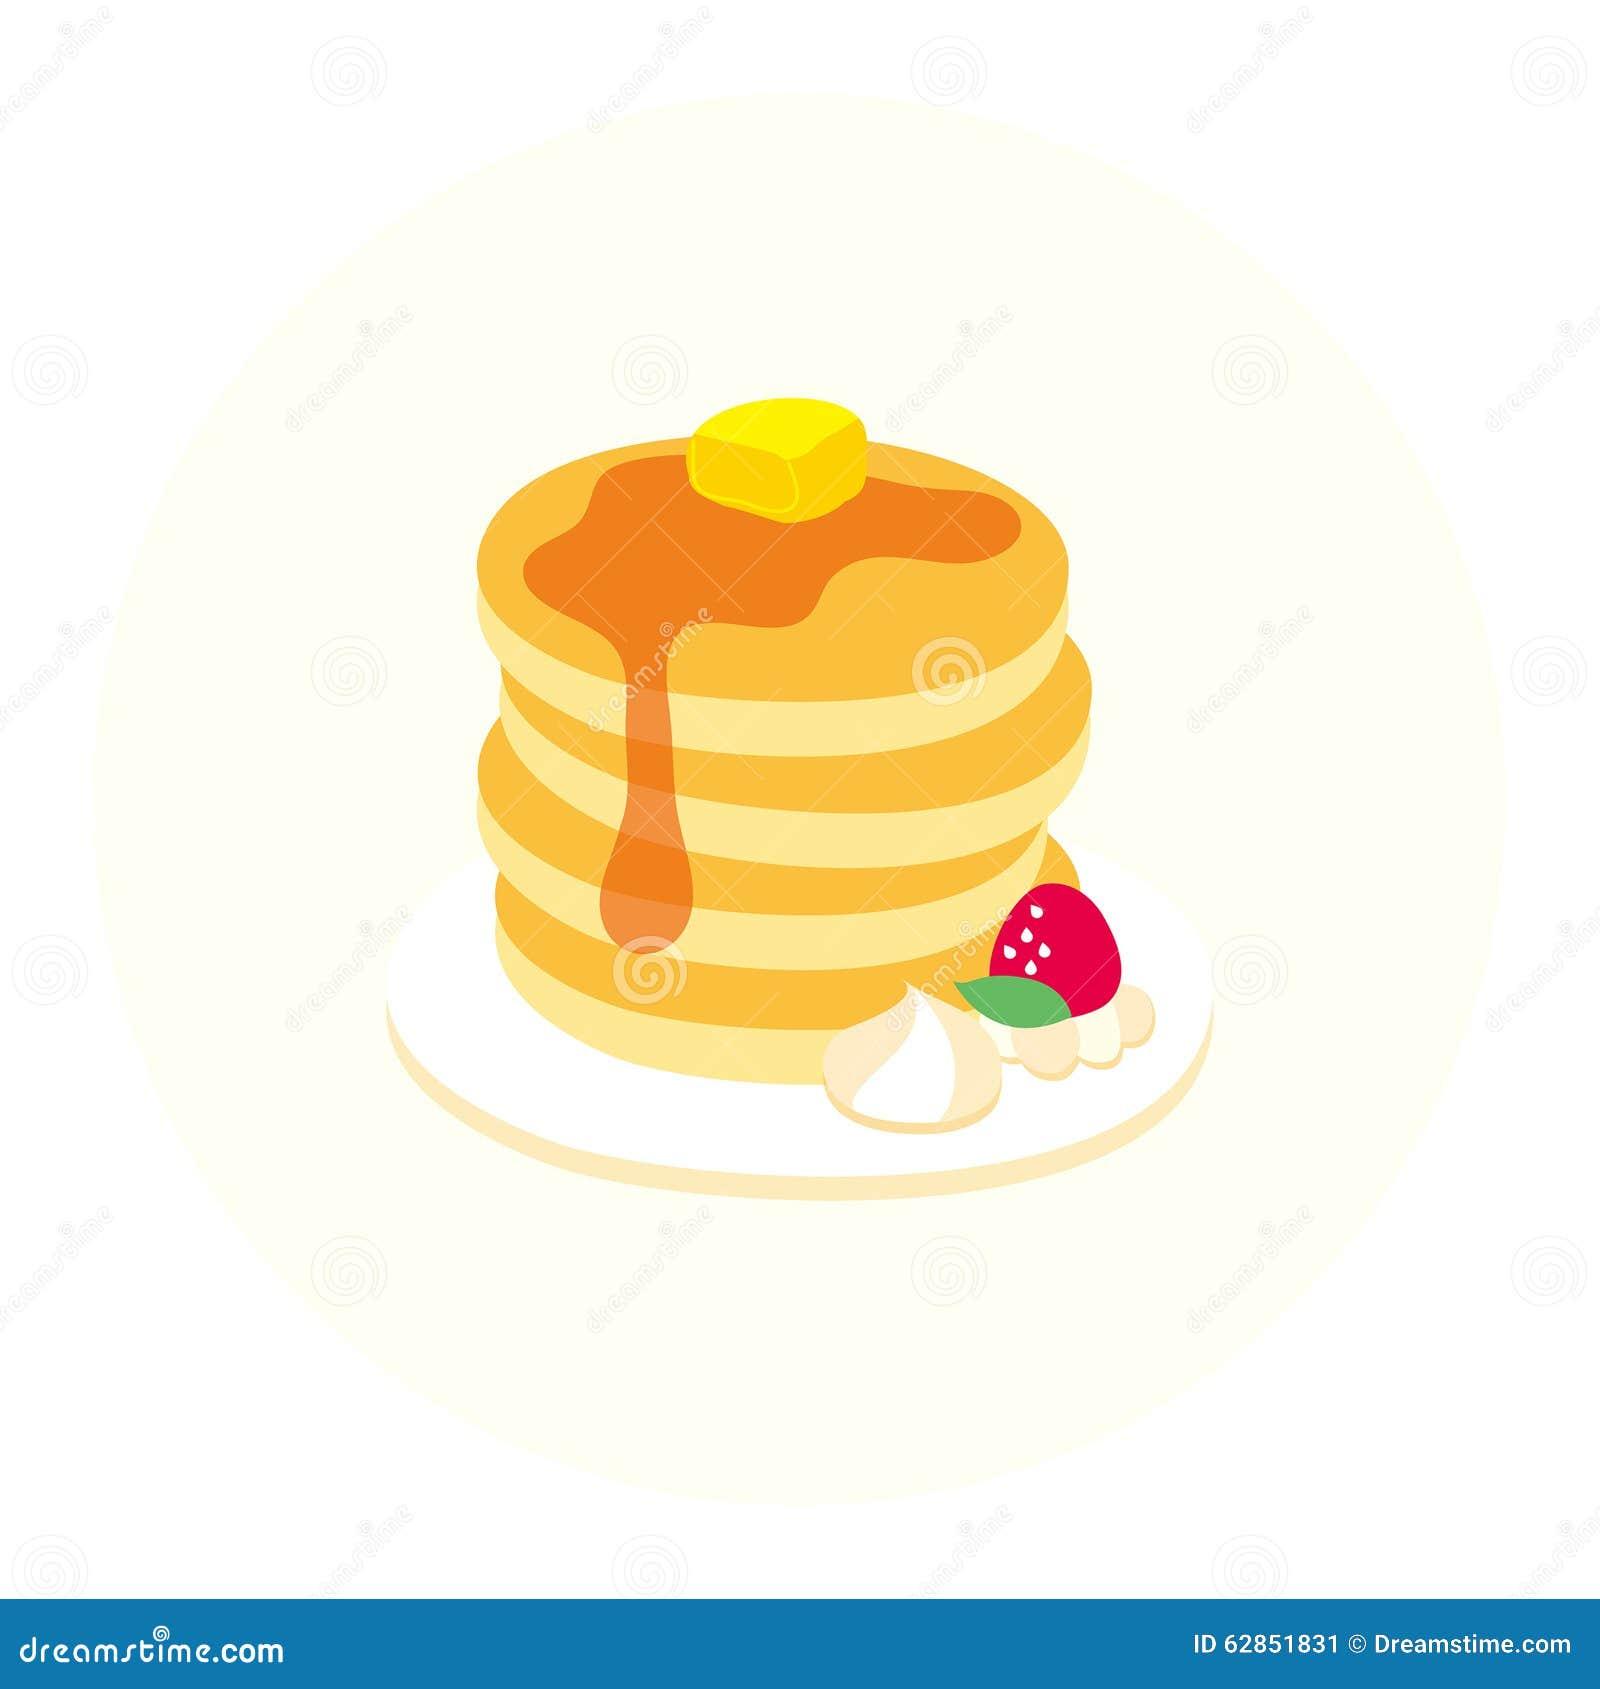 Pancake Tower Cake